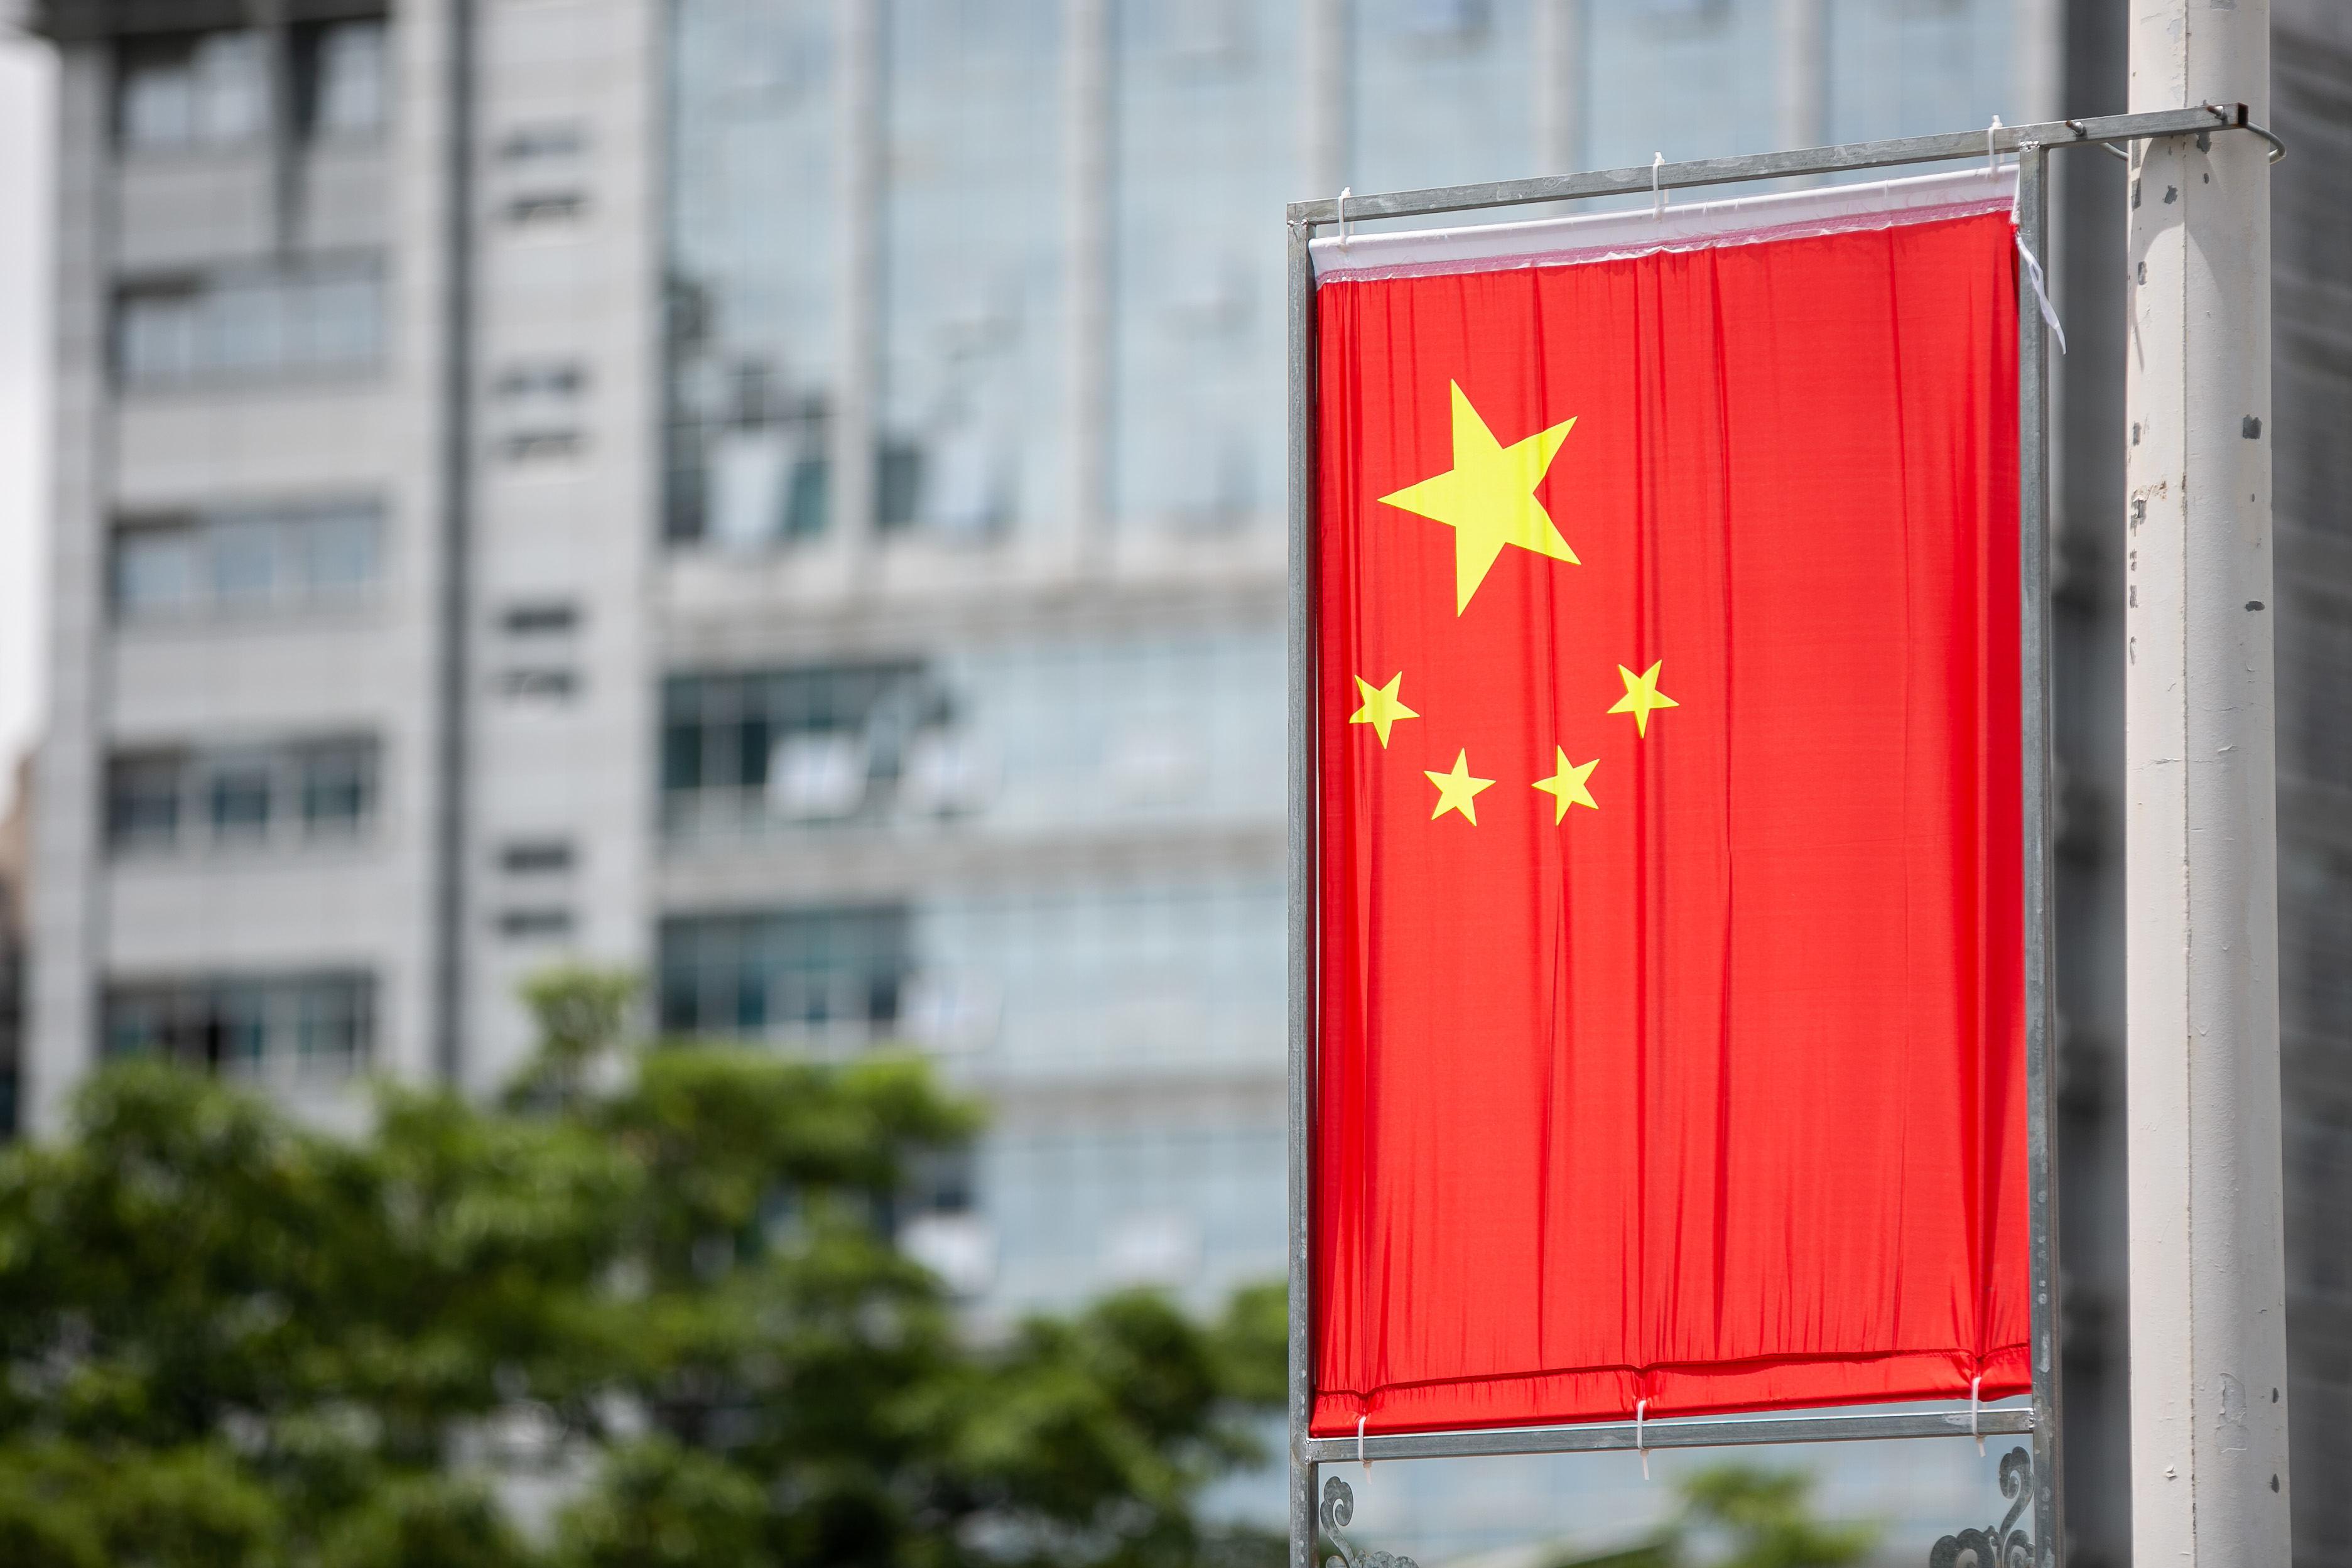 kaip kinija gali naudoti skaitmenin valiut prekybos kare